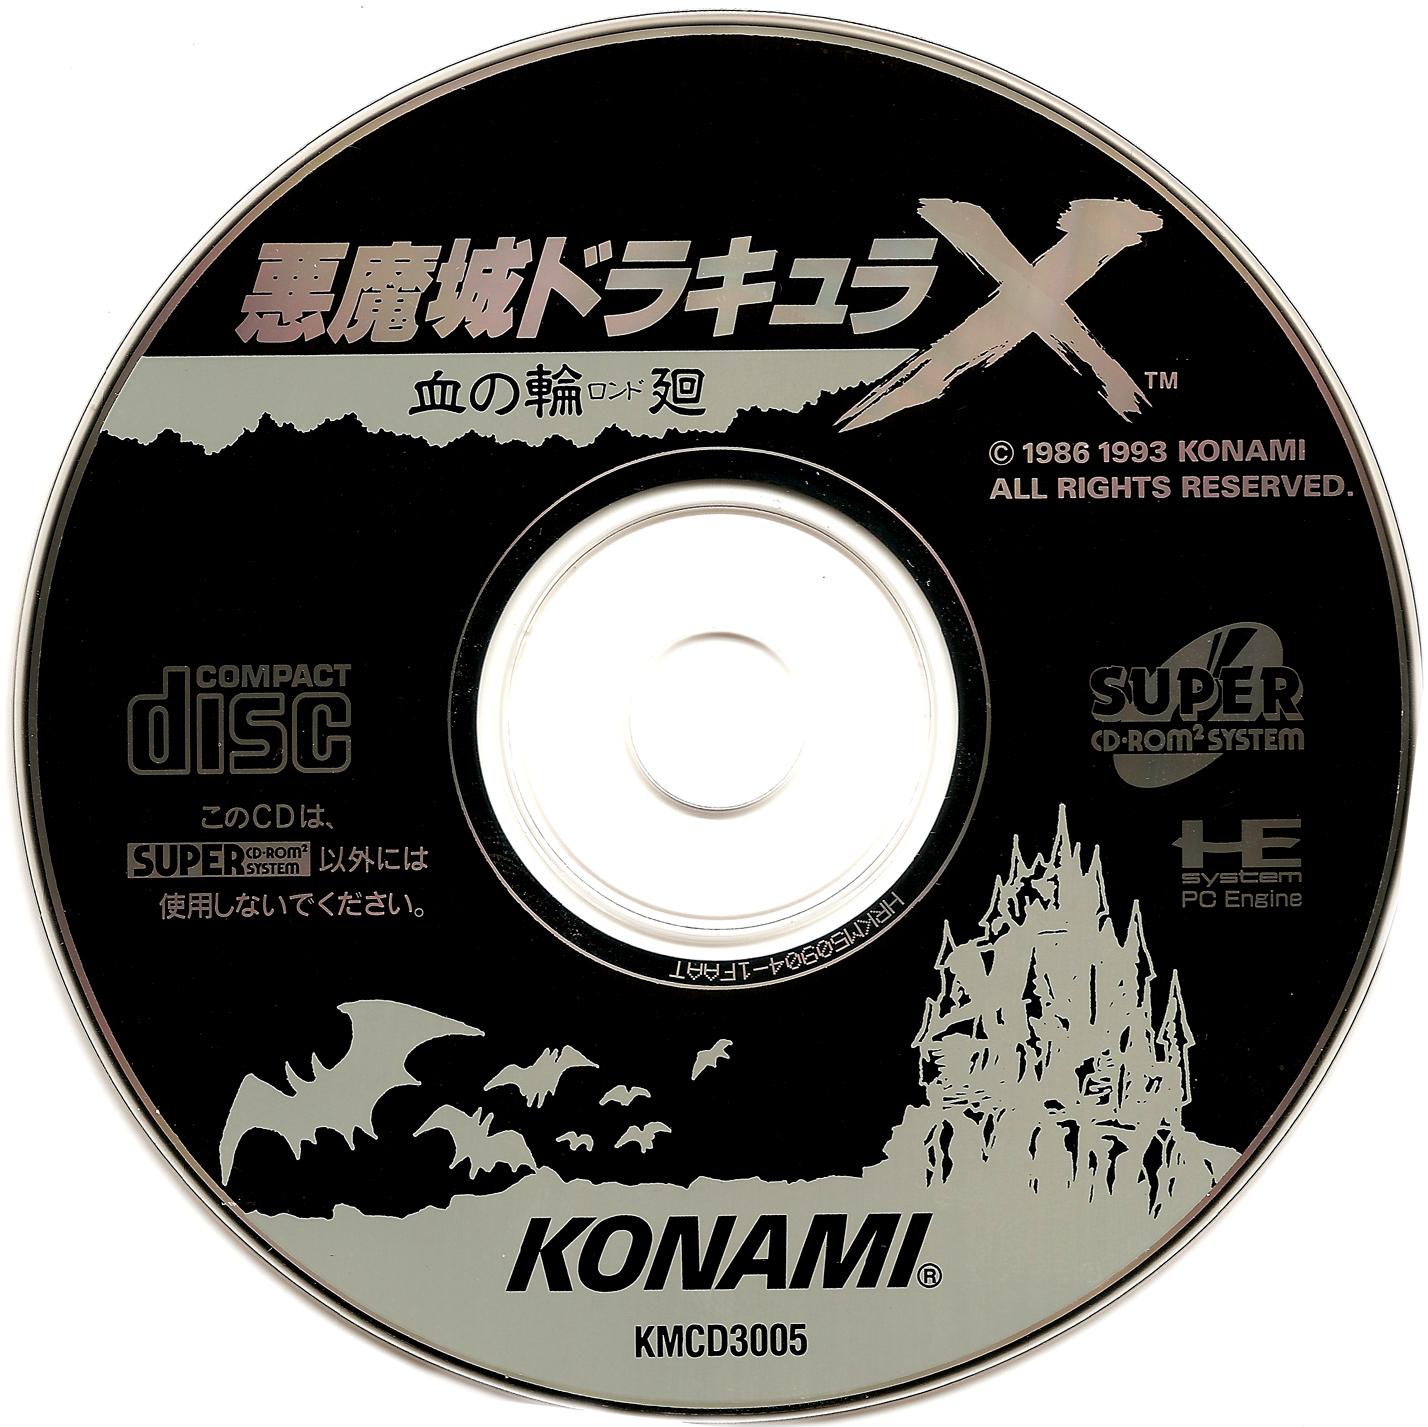 x cd: